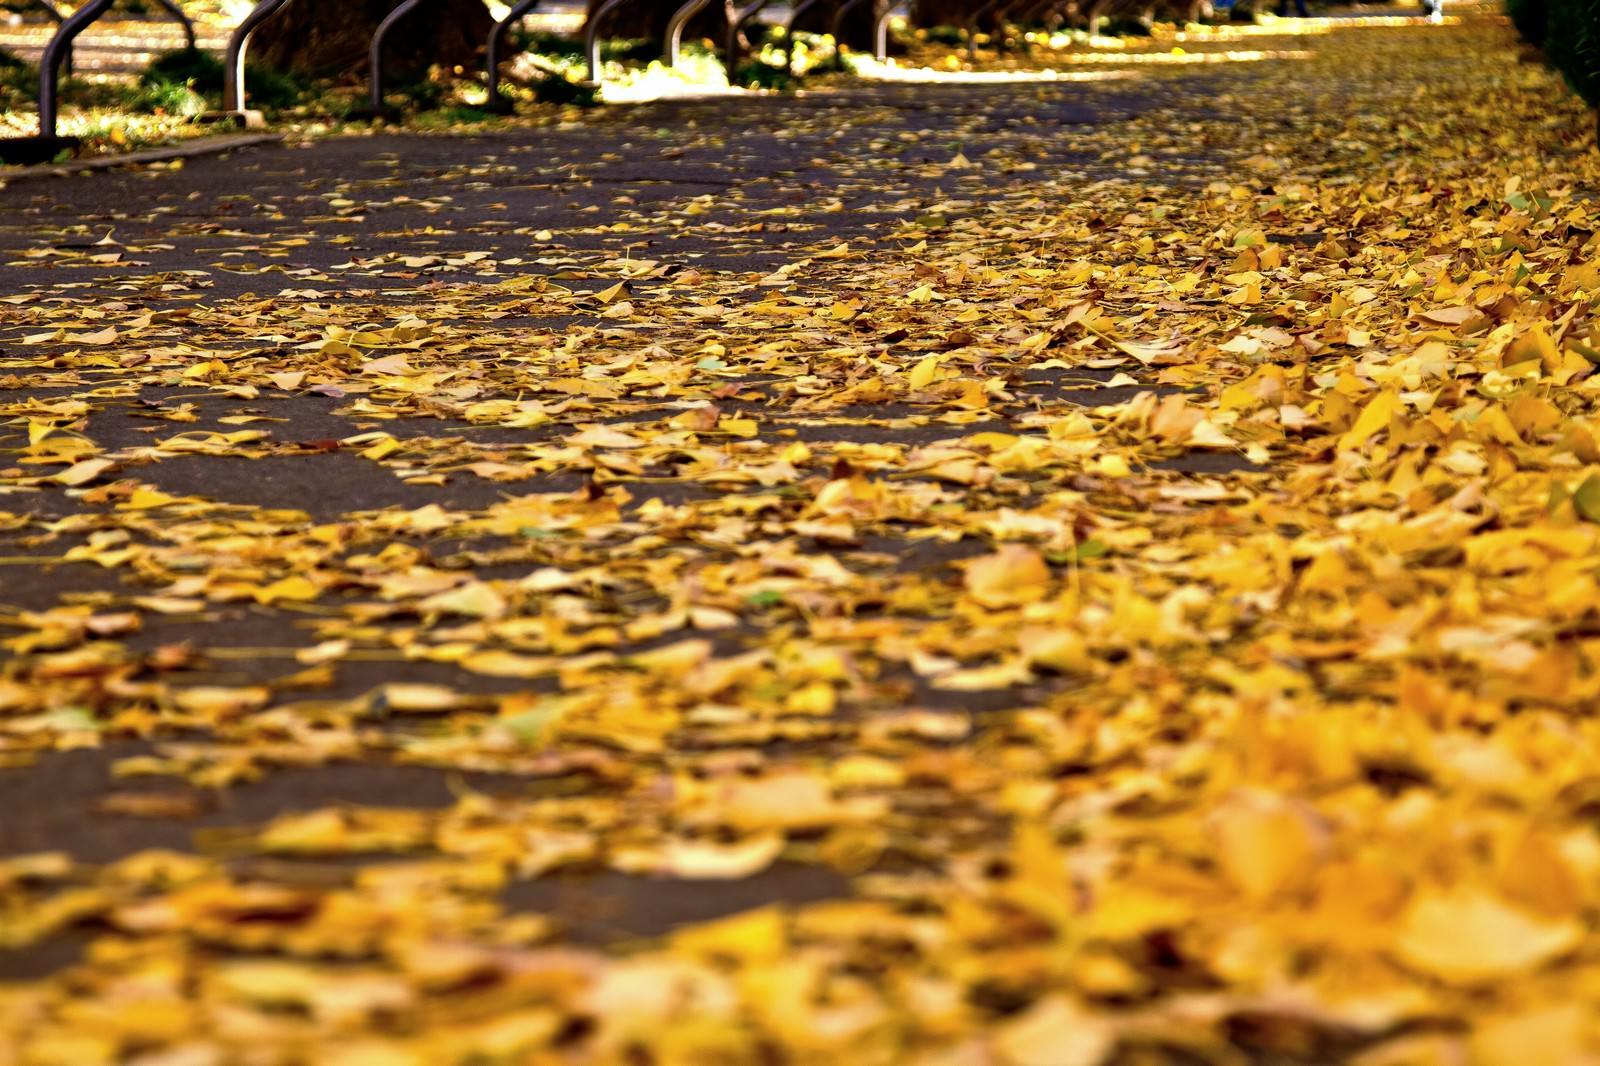 「黄葉したイチョウの落ち葉」の写真